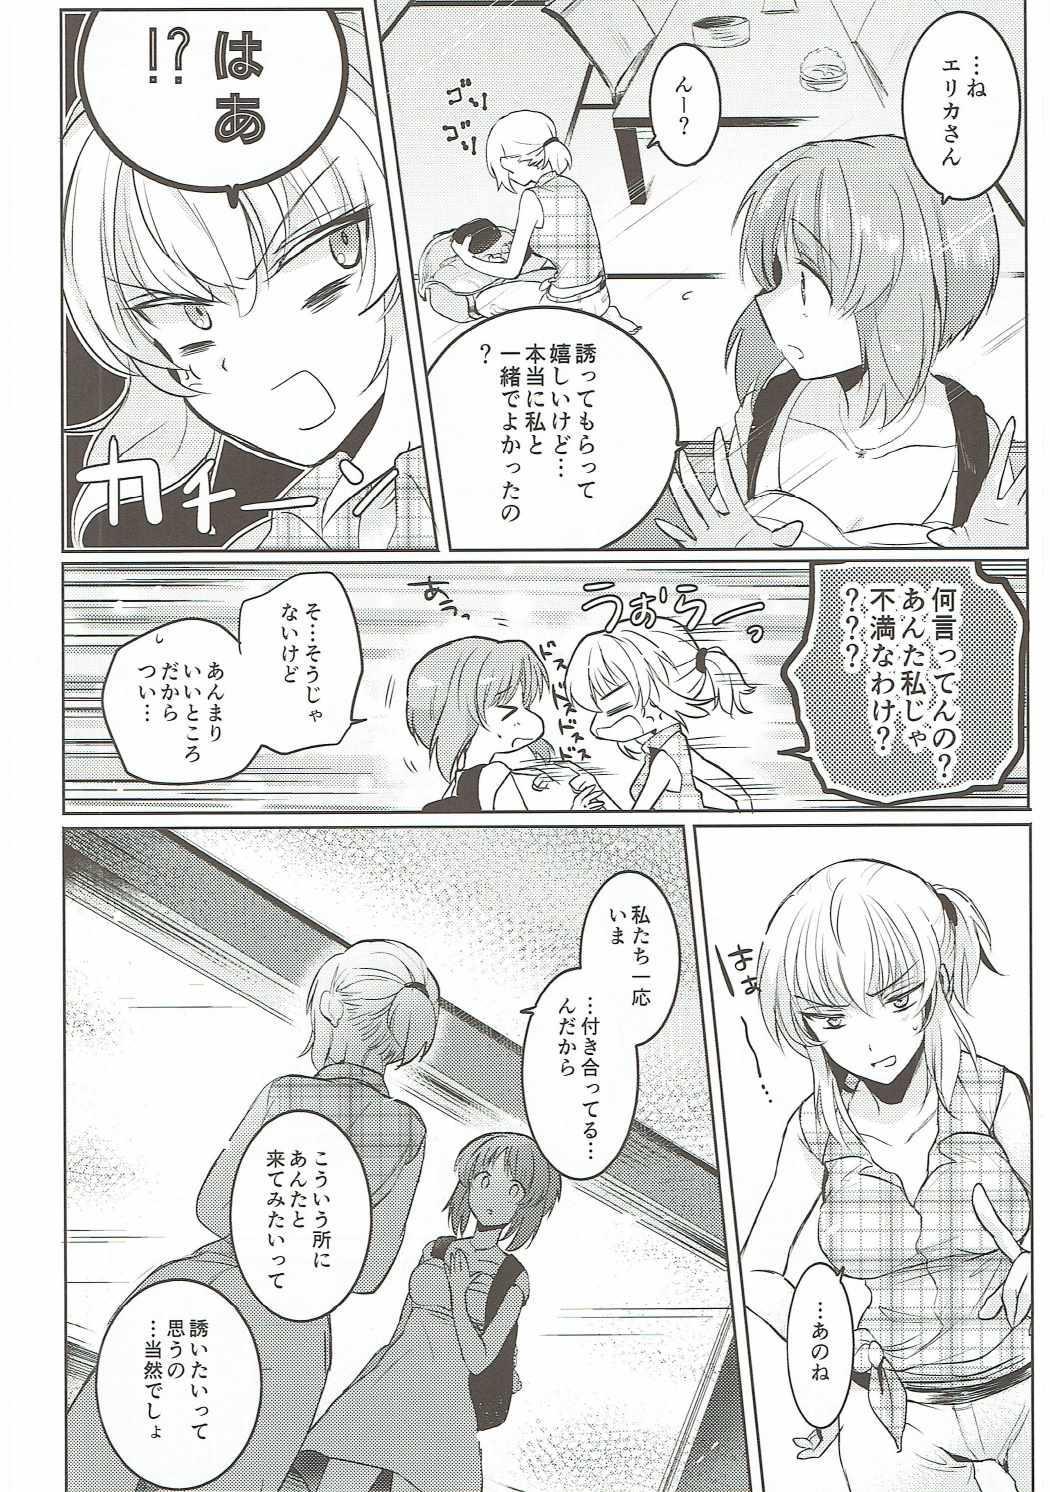 Futarikiri no Natsu 4